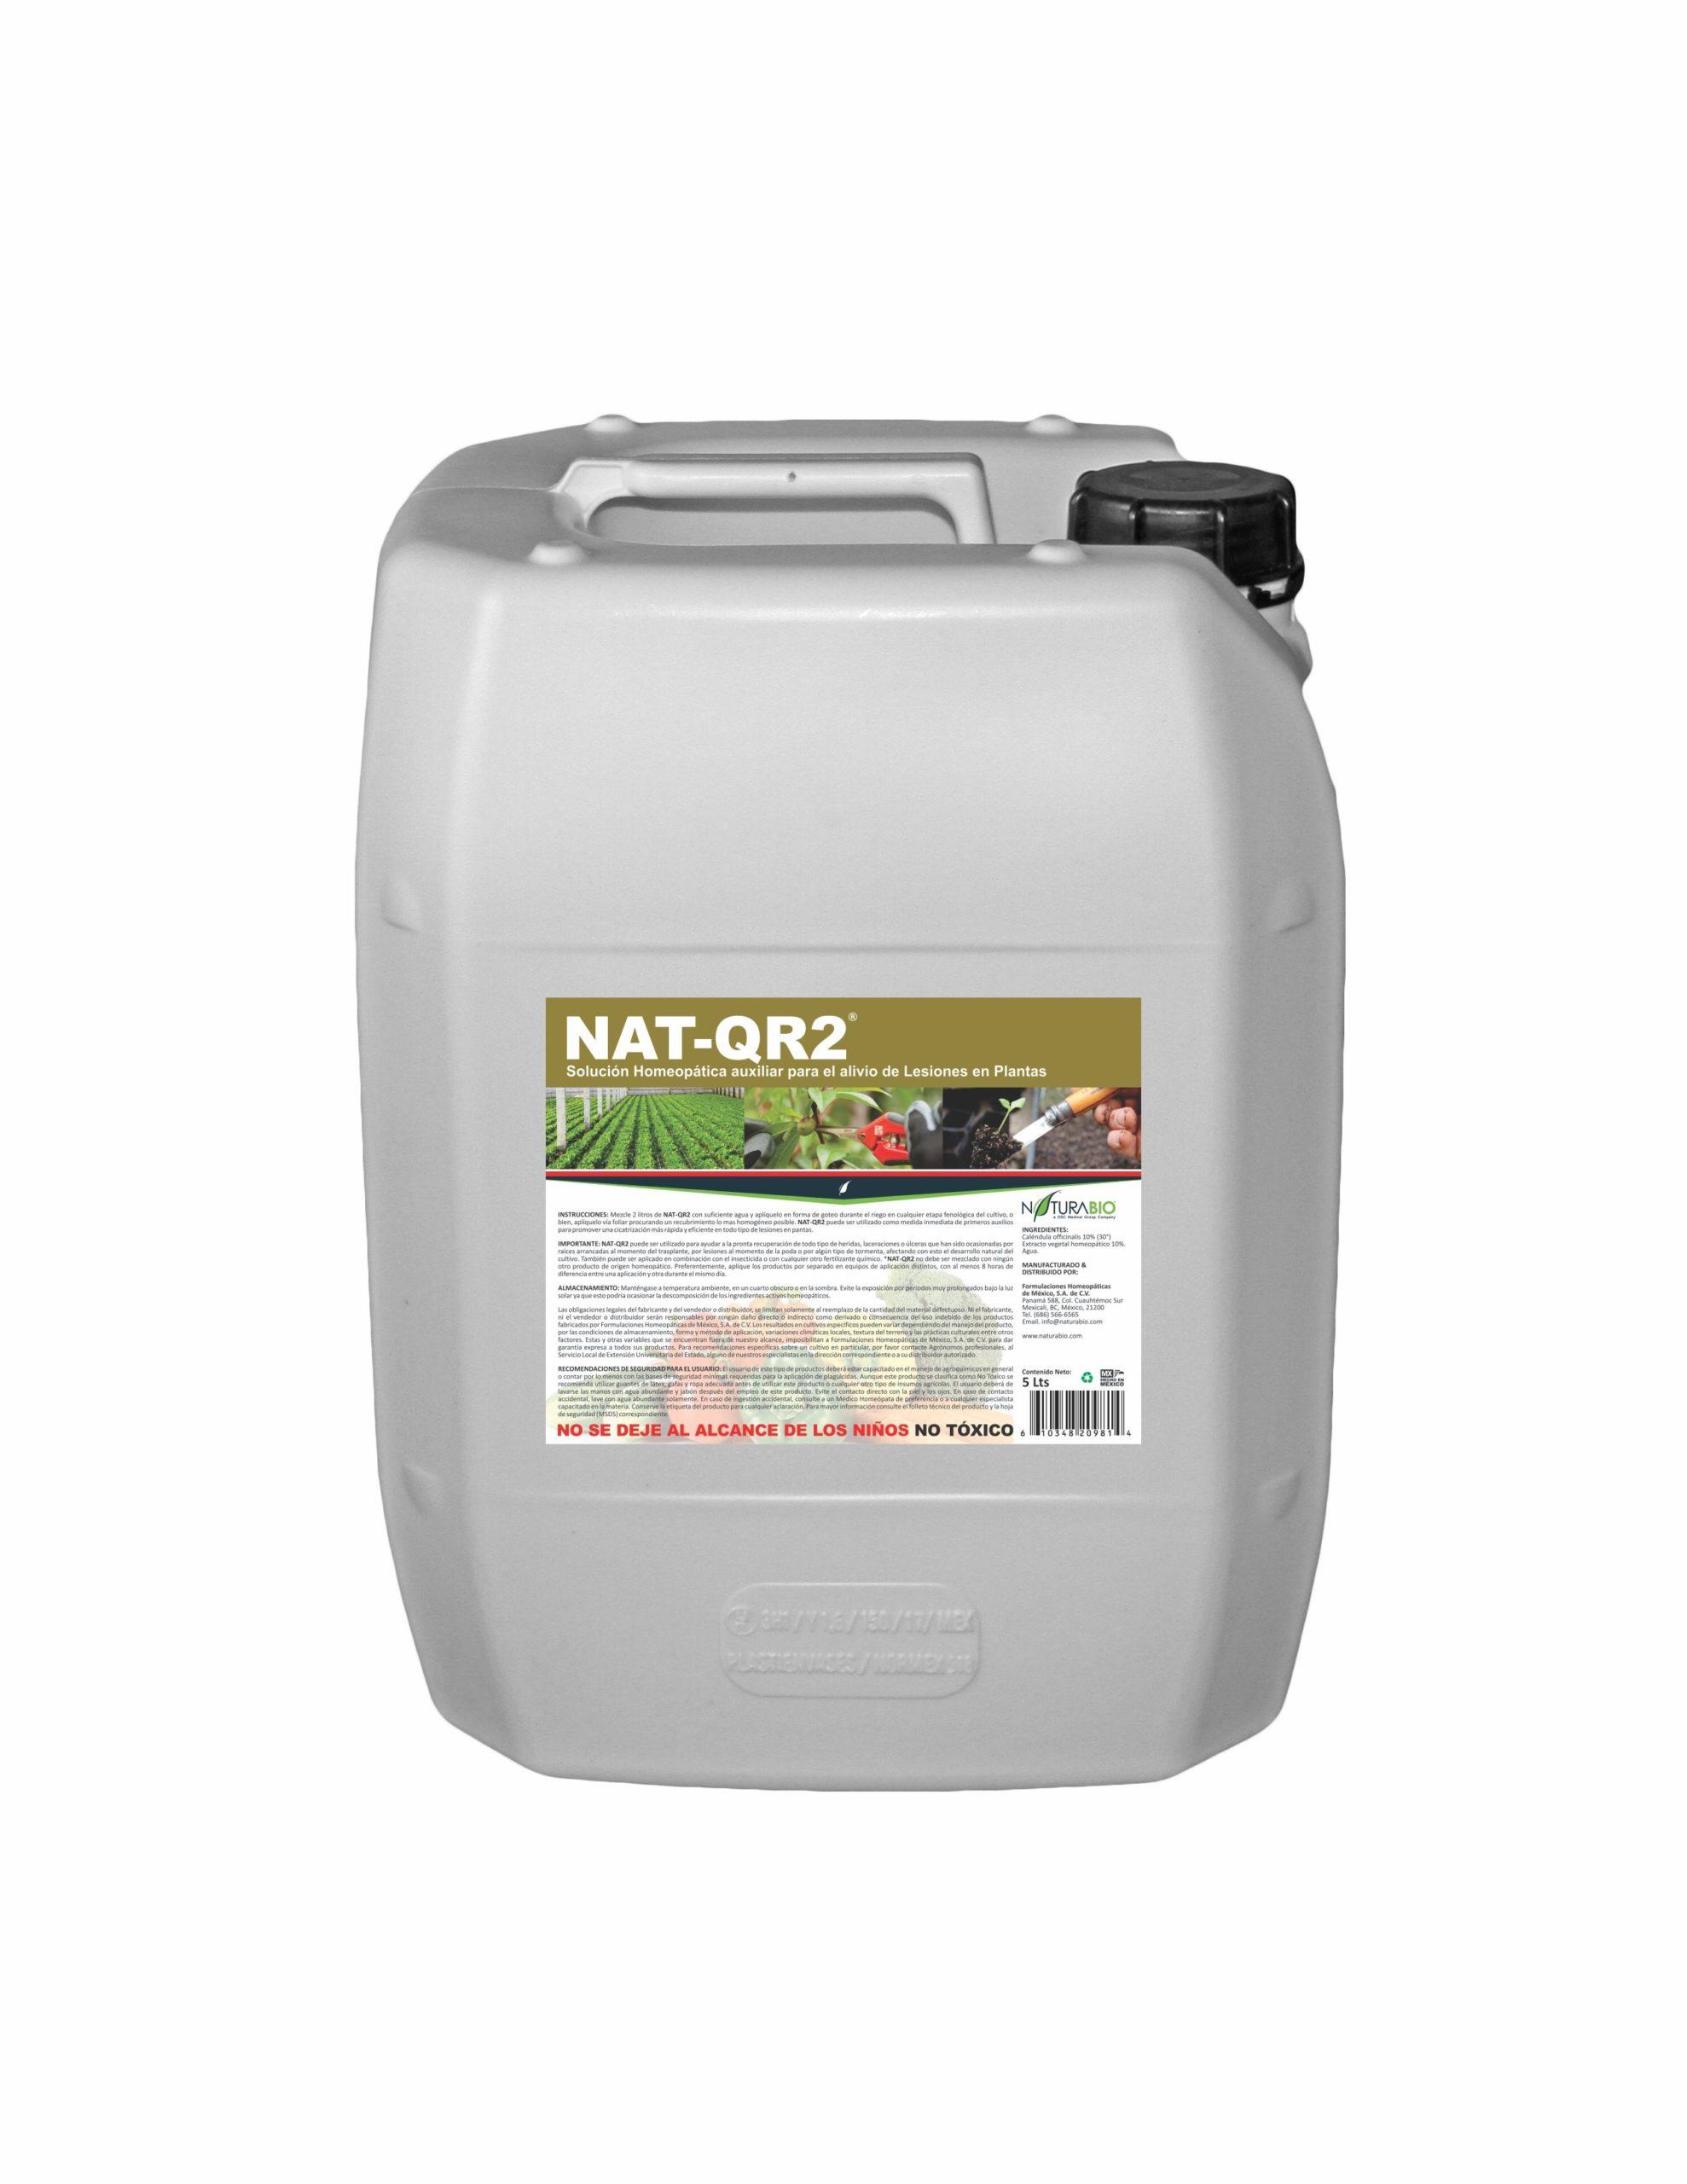 NAT-QR2 Solución Homeopática auxiliar para Lesiones Vegetales